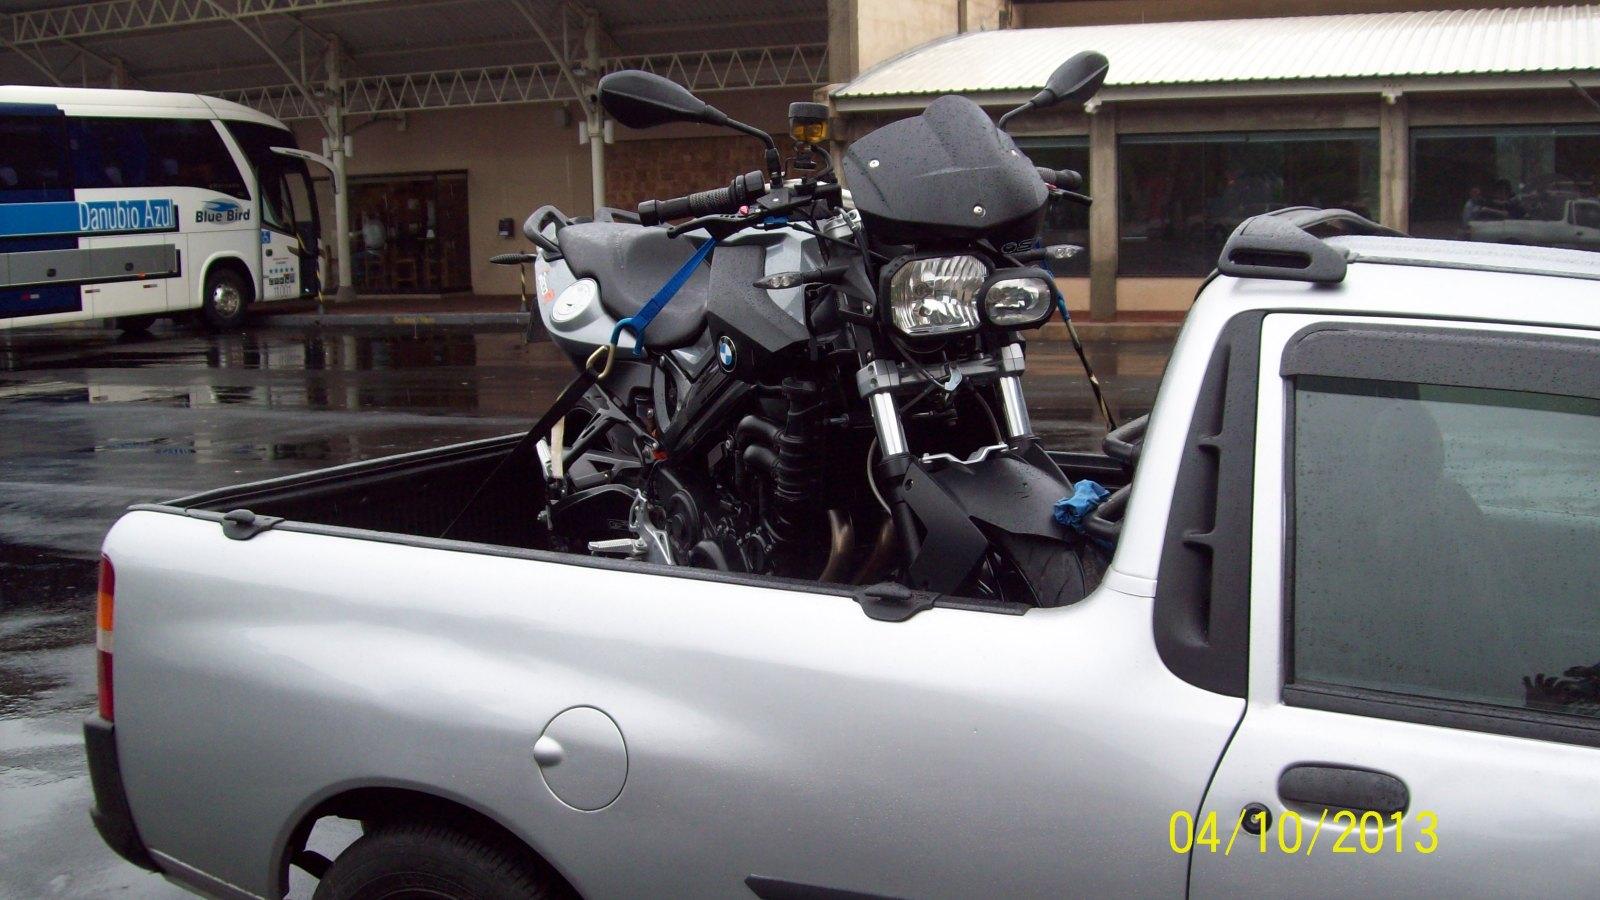 DESVENTURAS EM SÉRIE - CAPITULO DE HOJE: BMW F800R 2012 :-( - Página 3 2cibus8